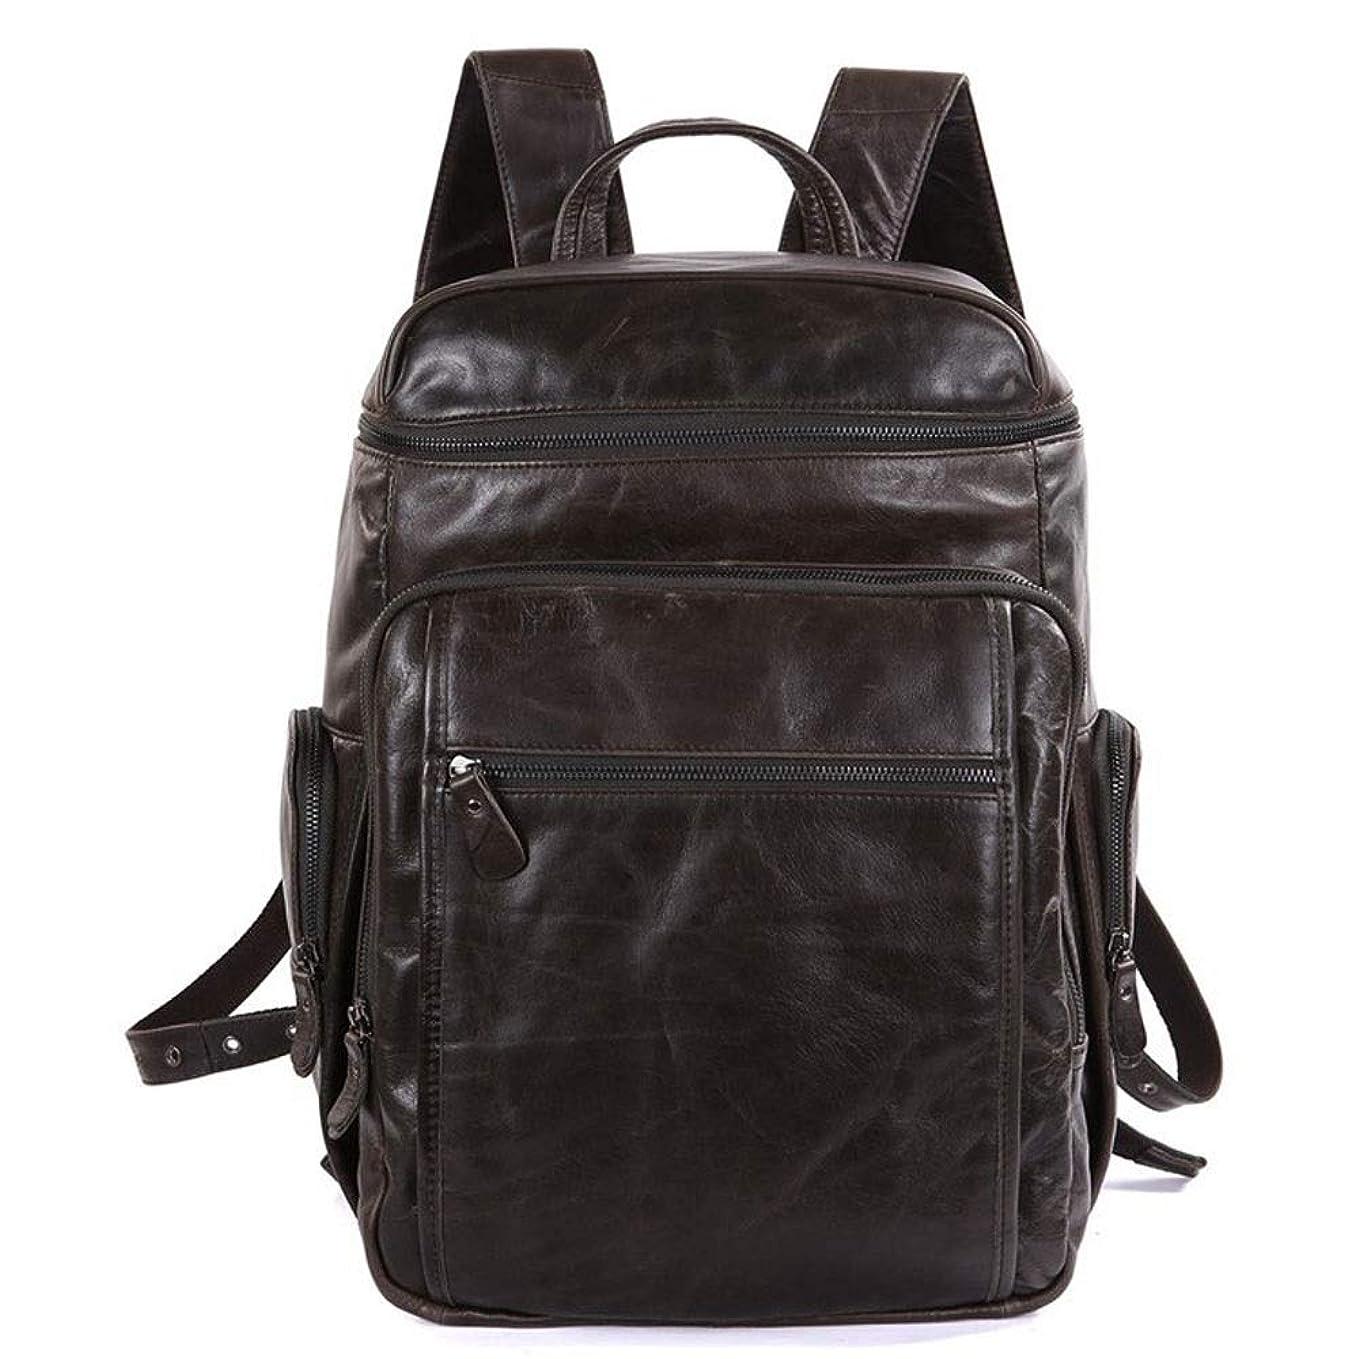 オゾンポップヨーグルトレトロクレイジーホース男性と女性のためのレザーバックパック、旅行ビジネスオフィスバッグ大容量学校レザーBookbag (Size : Dark brown)